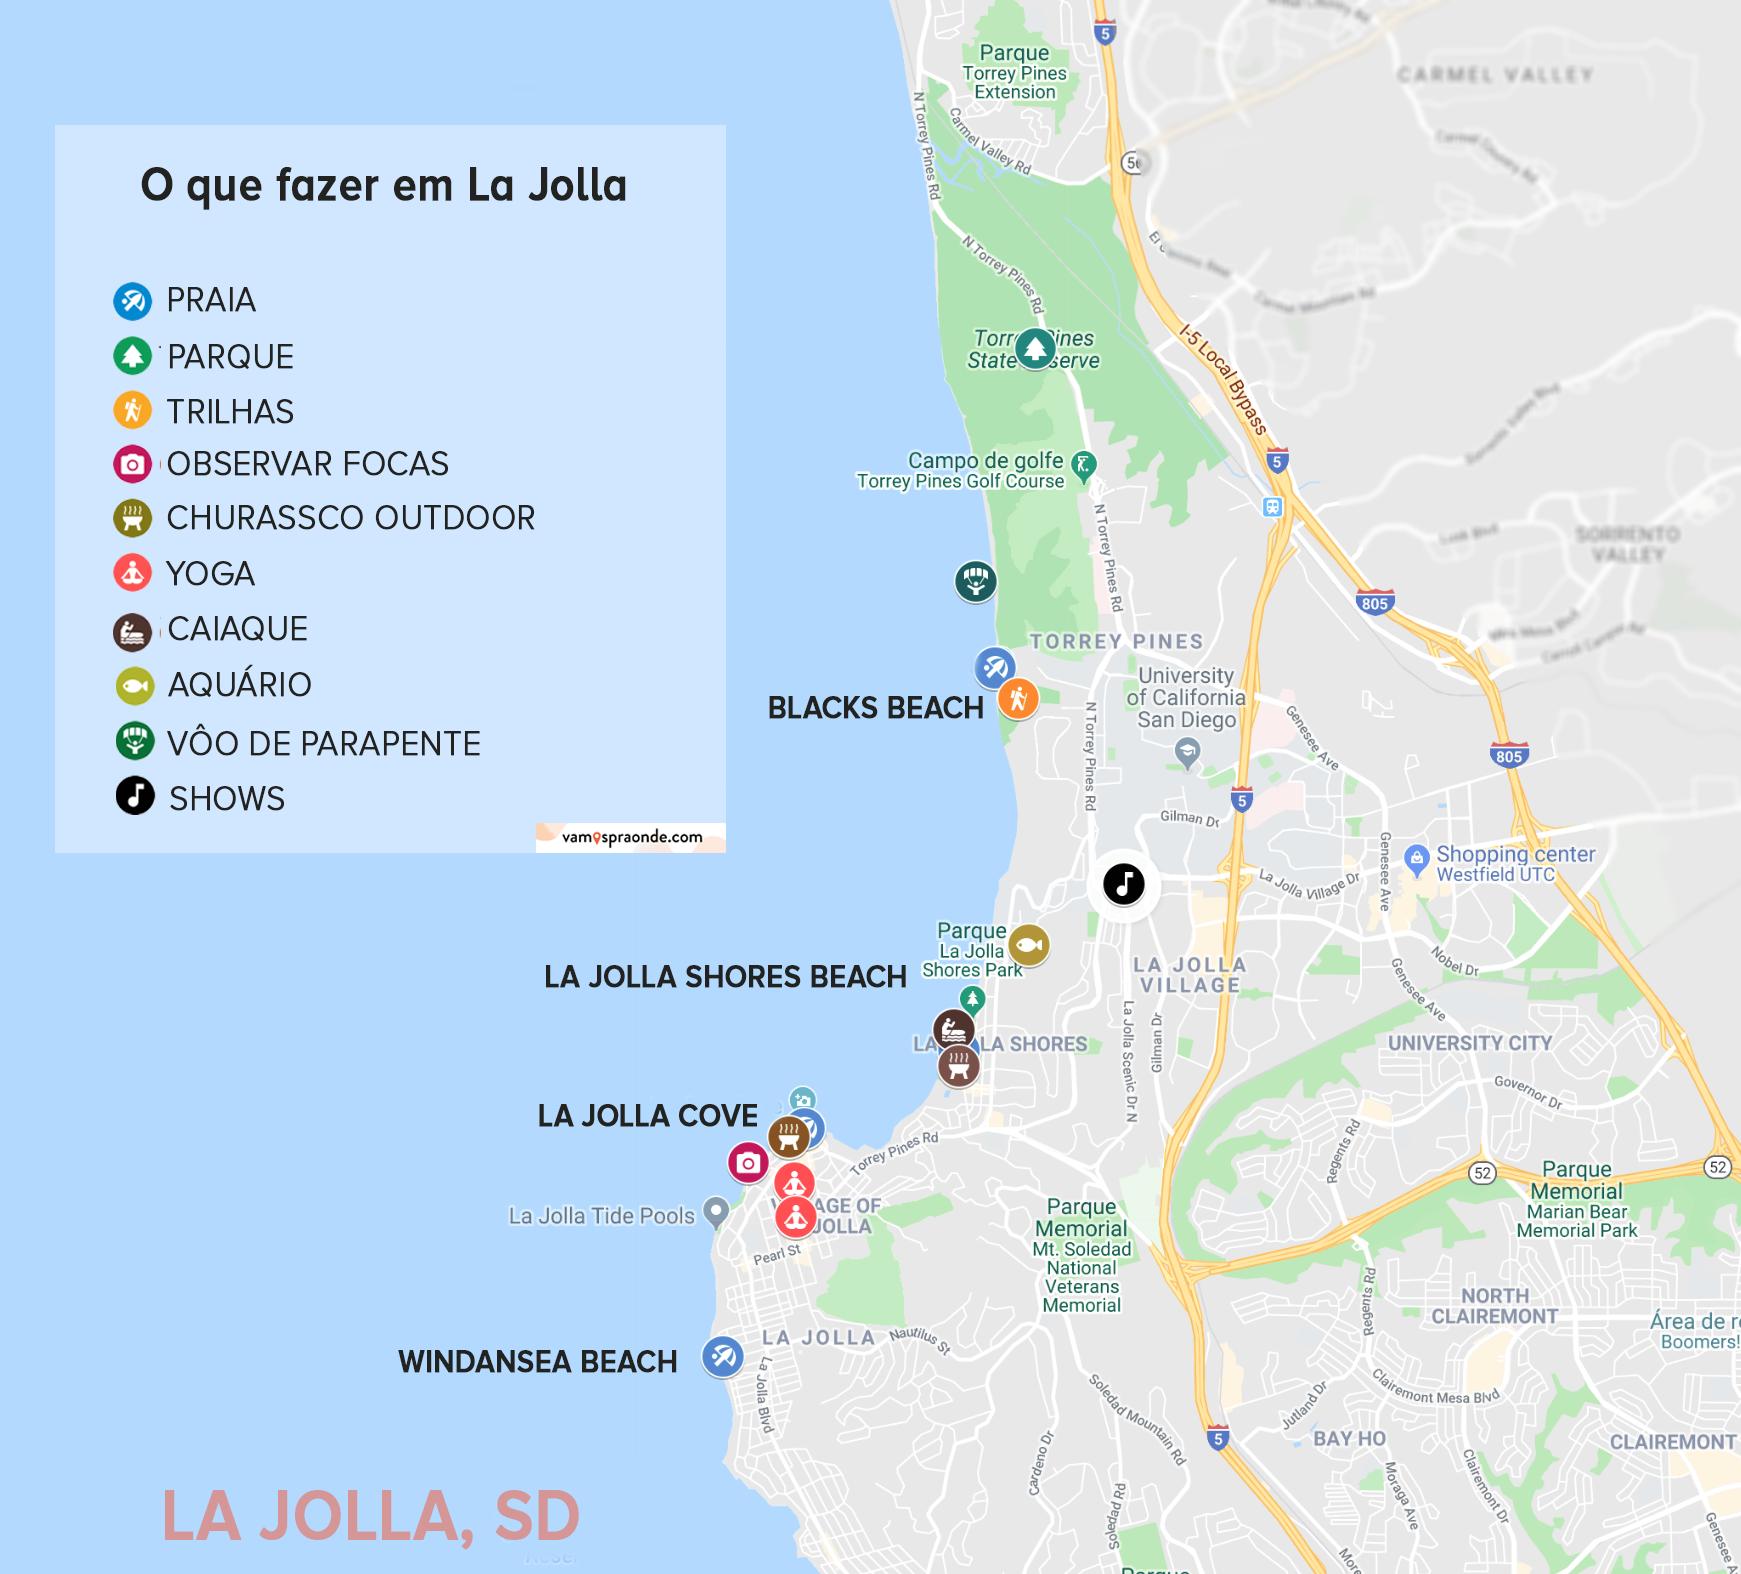 mapa mostrando onde estão as principais atrações de la jolla